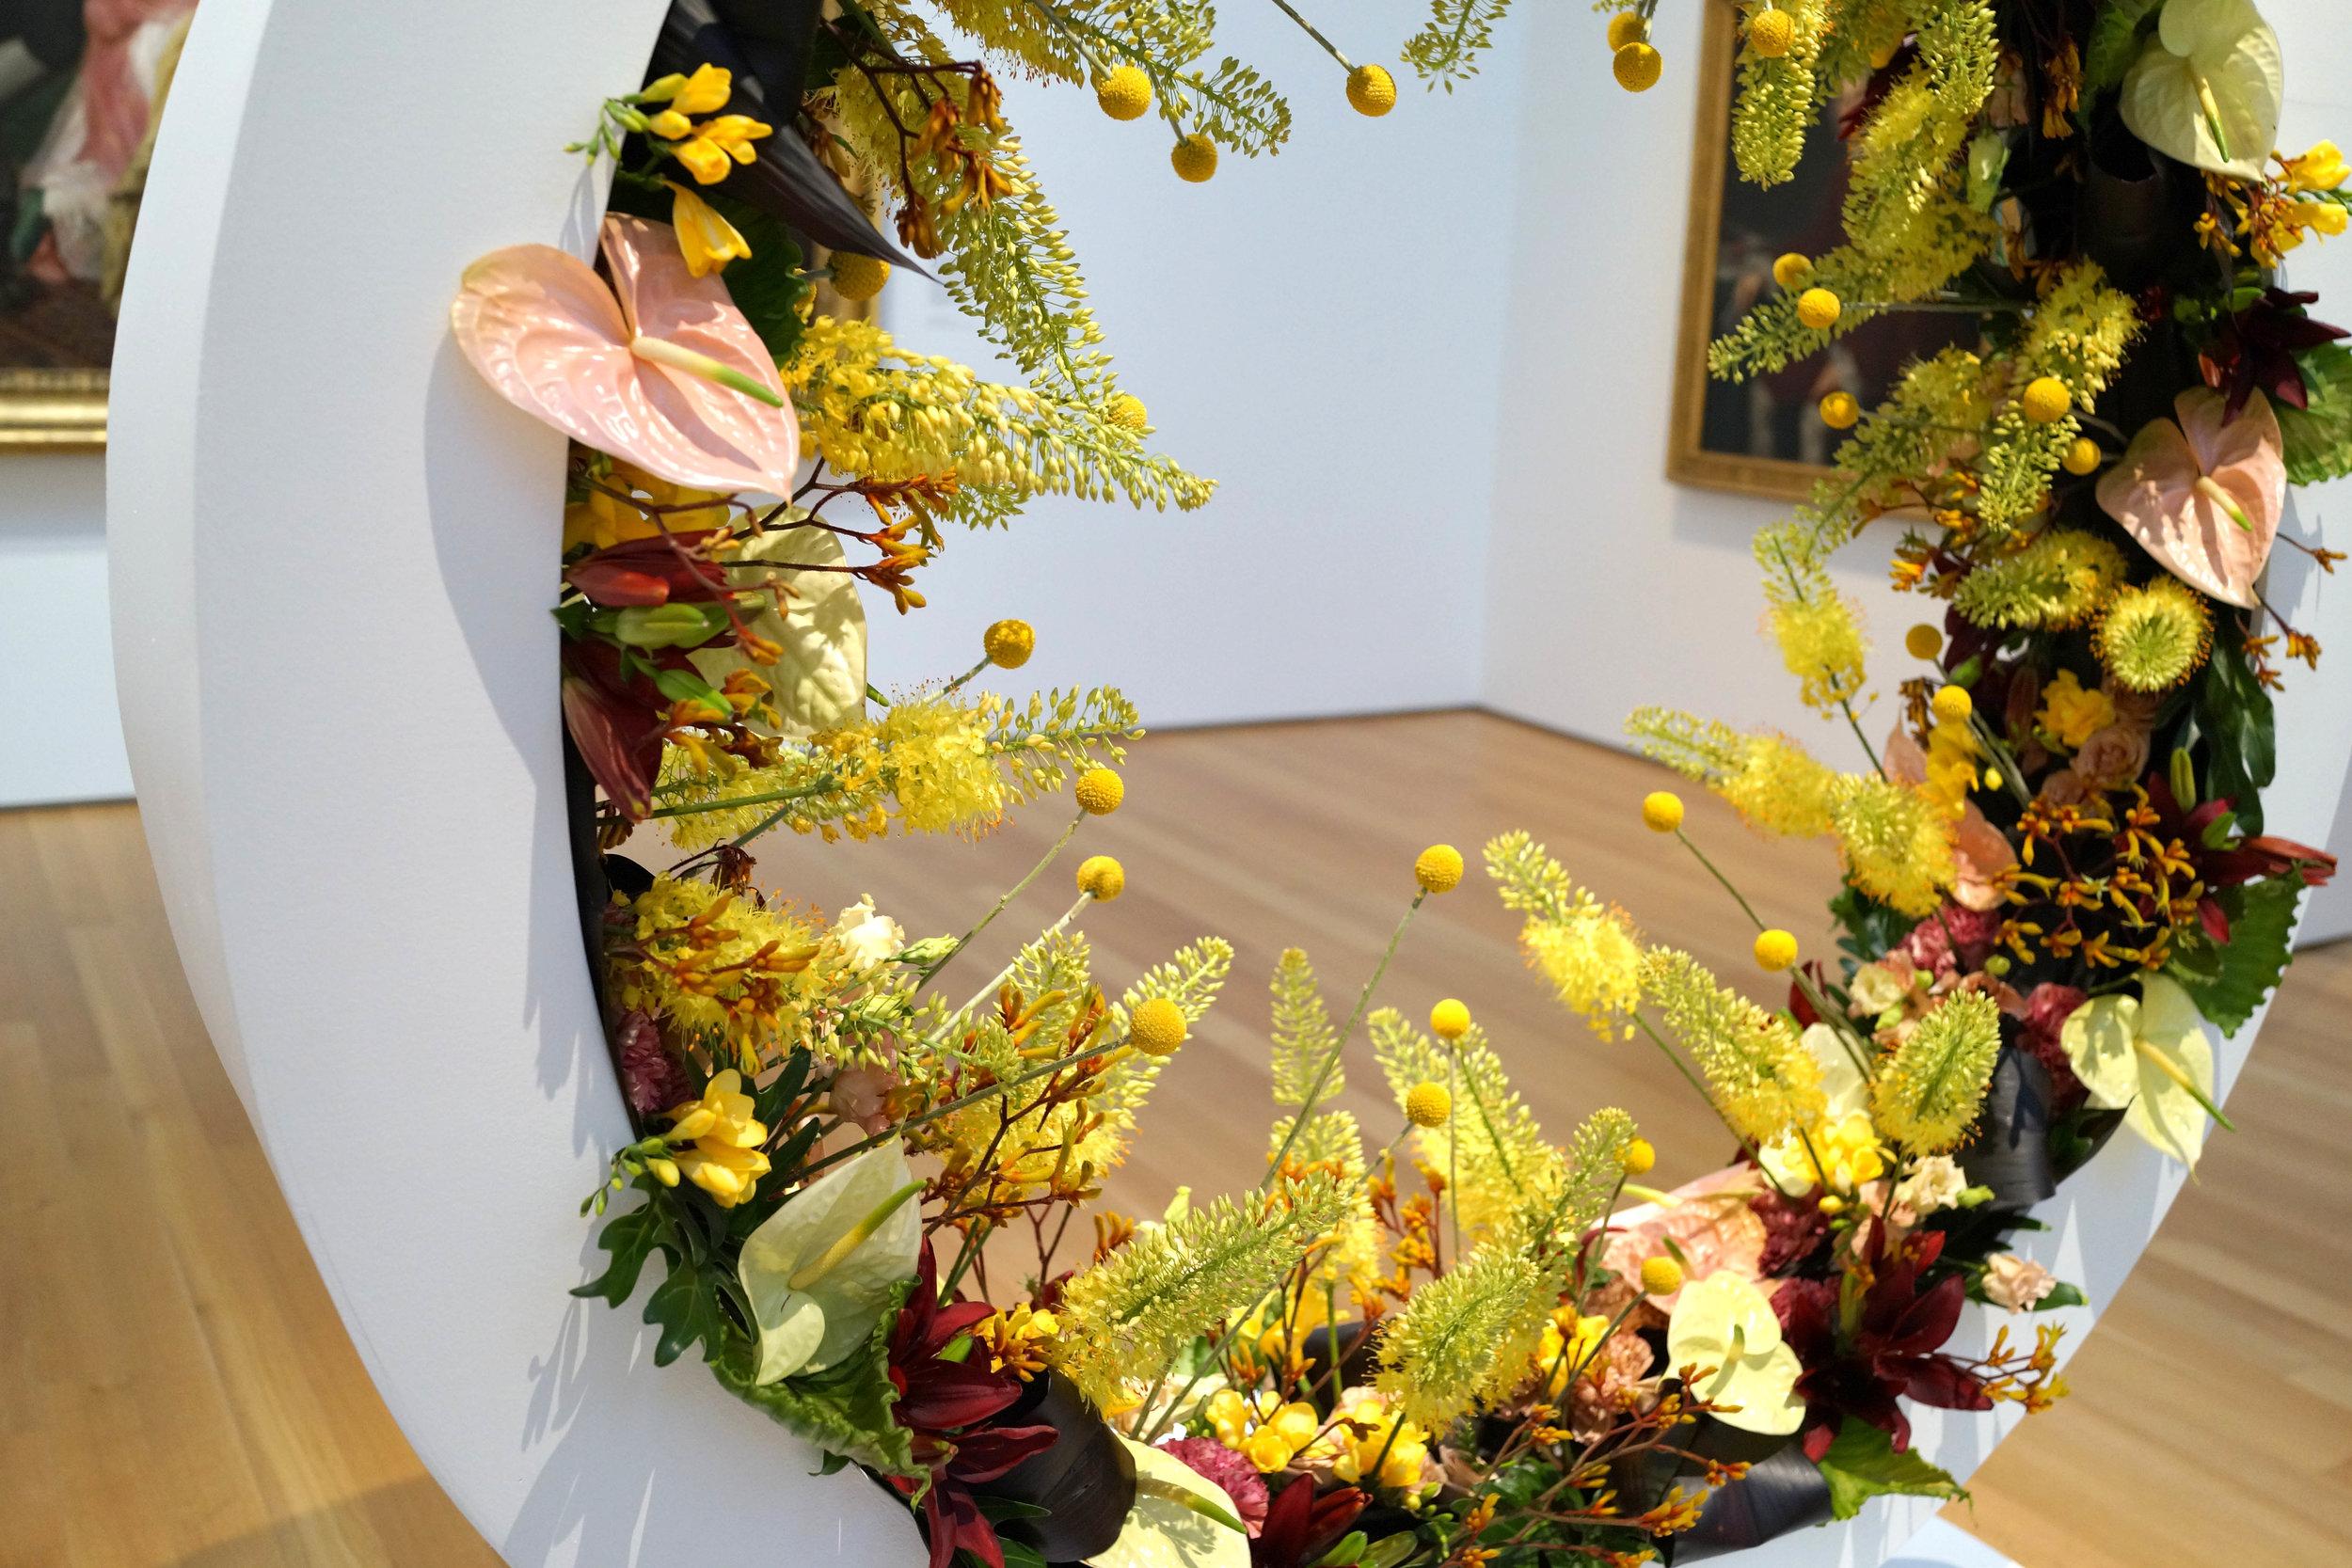 3df26-artinbloomncmafloraldesignermuseumartinbloomncmafloraldesignermuseum.jpg